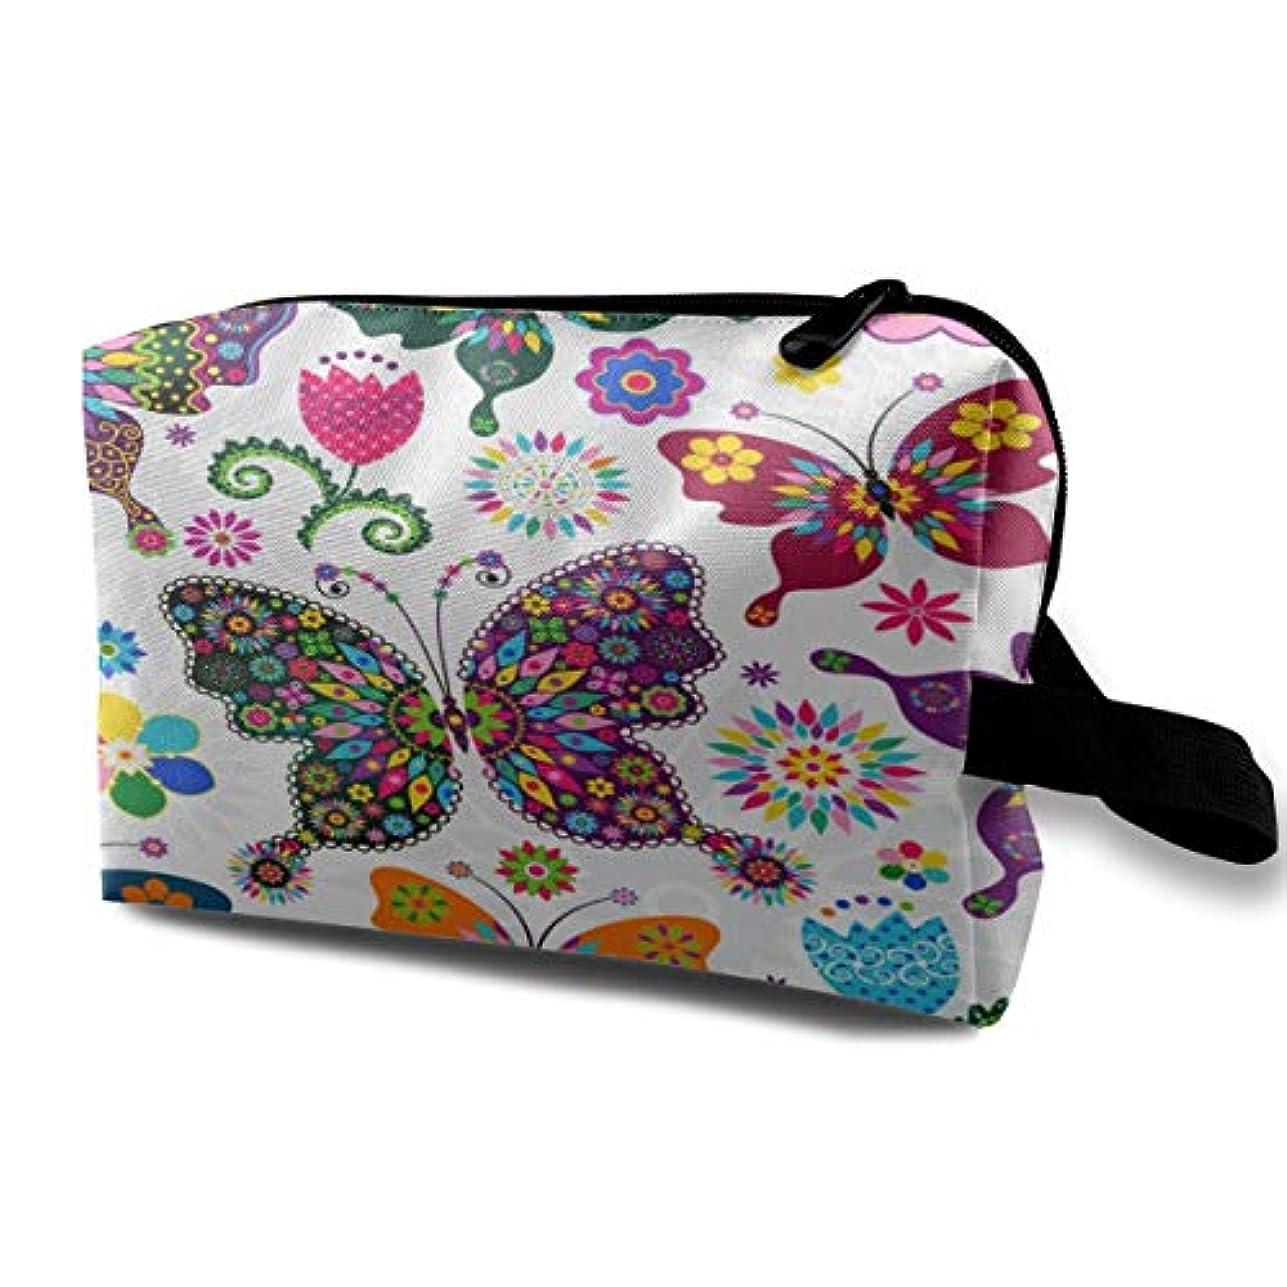 色化学薬品アームストロングPattern Colorful Butterfly And Flower 収納ポーチ 化粧ポーチ 大容量 軽量 耐久性 ハンドル付持ち運び便利。入れ 自宅?出張?旅行?アウトドア撮影などに対応。メンズ レディース トラベルグッズ